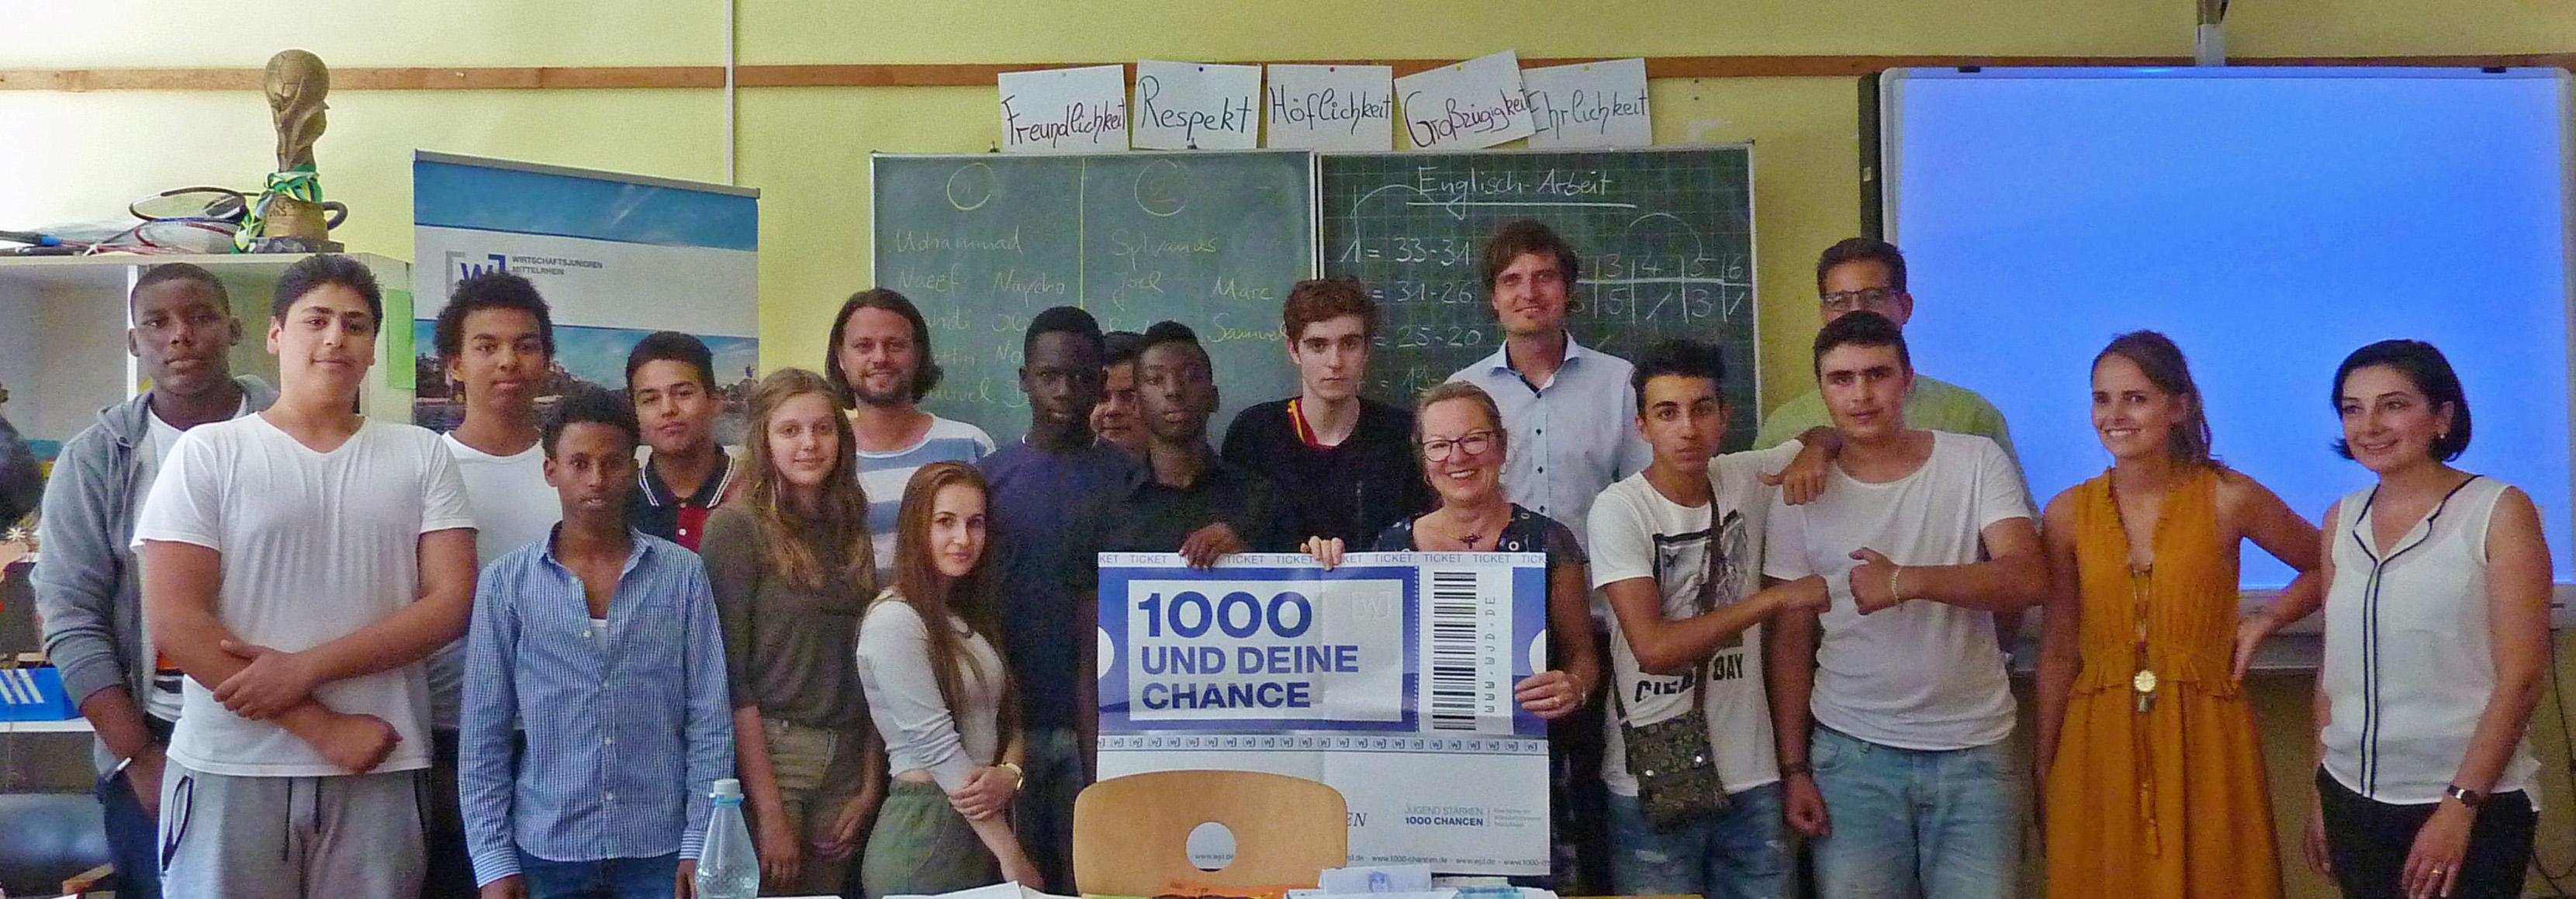 1000 Chancen - WJM und Koblenz lernt e.V.